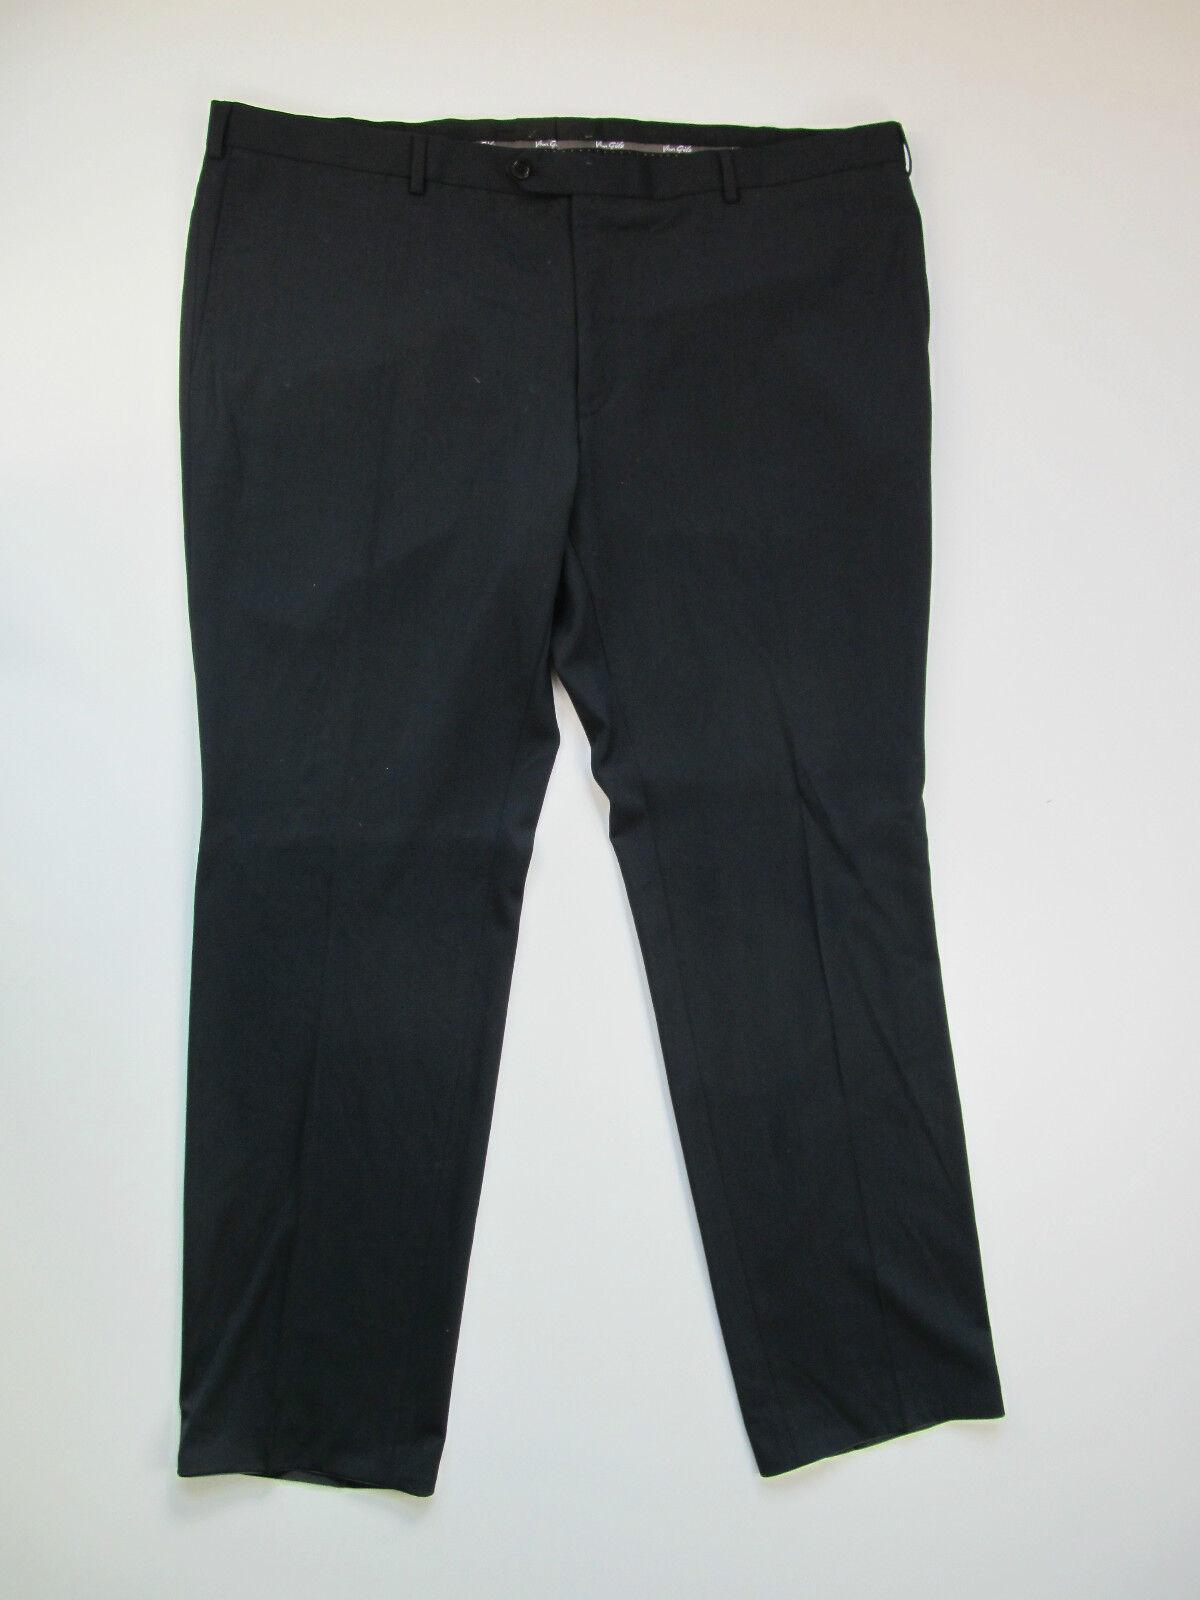 Van Gils Pantalone Broek Hose Anzug Trousers Caine TailGoldt Fit Blau Gr 58 XXXL | Deutschland Frankfurt  | Elegante Und Stabile Verpackung  | Qualität zuerst  | Online-verkauf  | Räumungsverkauf